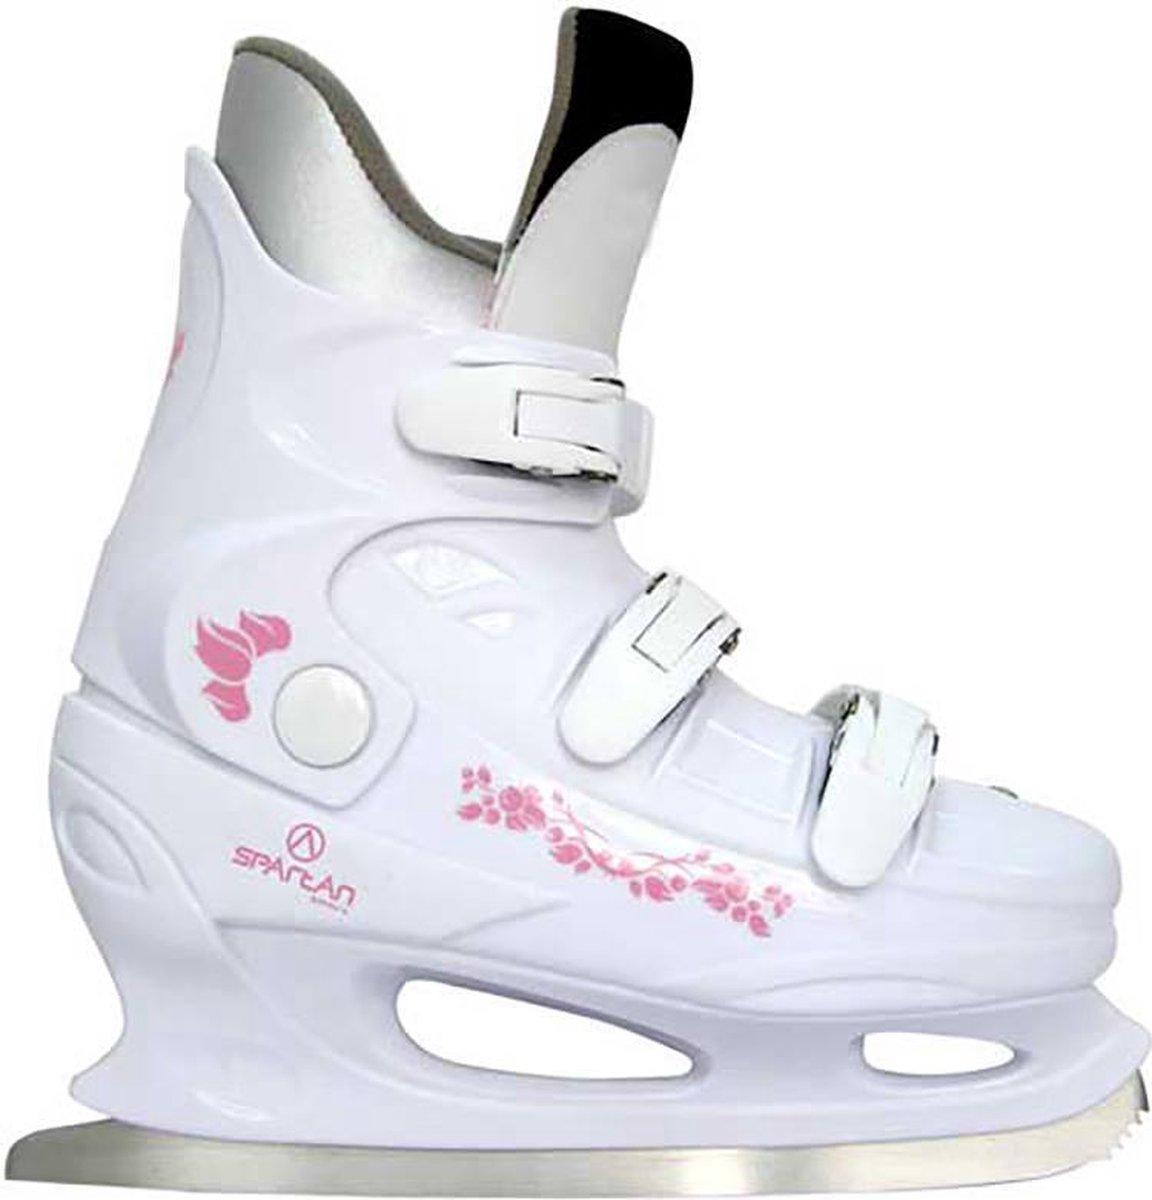 Dames schaatsen | schaatsen volwassenen | kunstschaatsen - maat 41